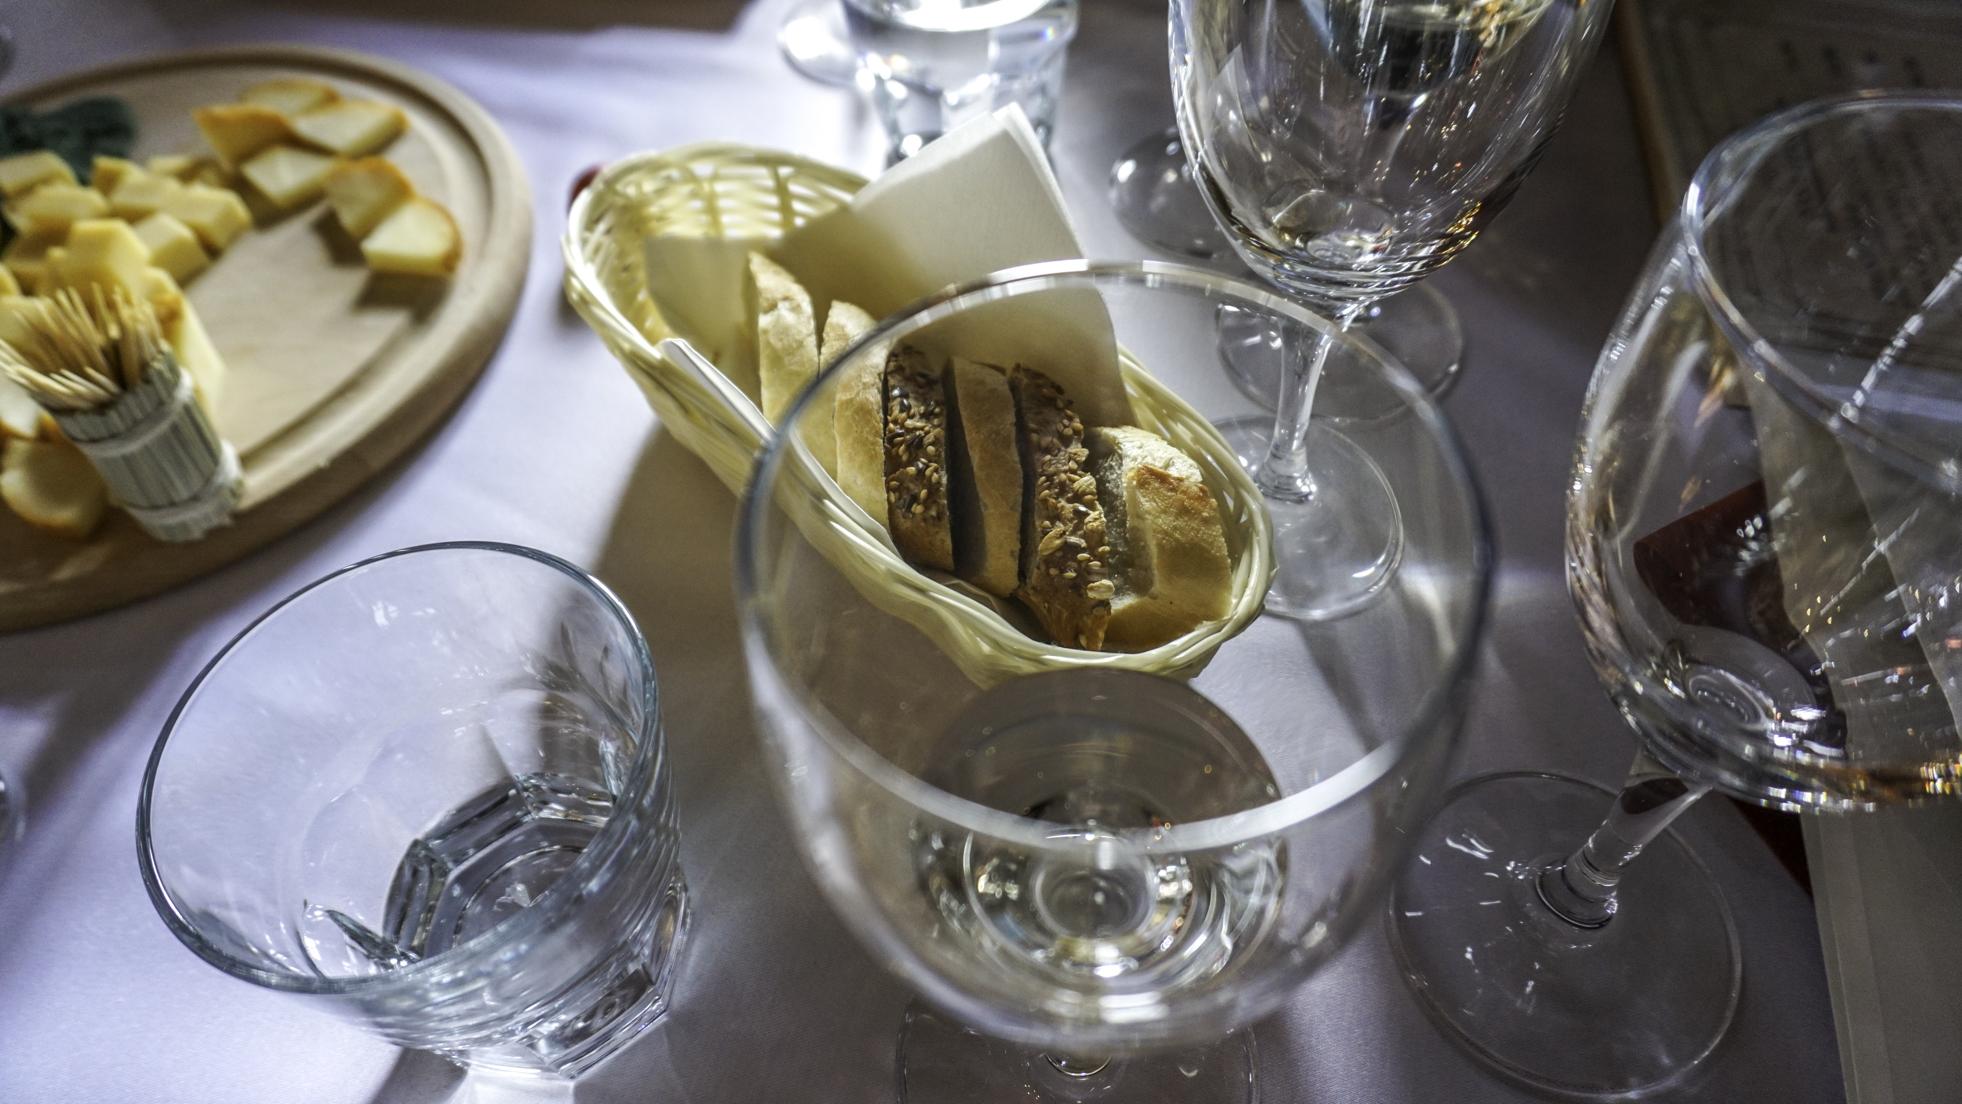 Regionalne smaki i smaczki: Karpacki Szlak Wina